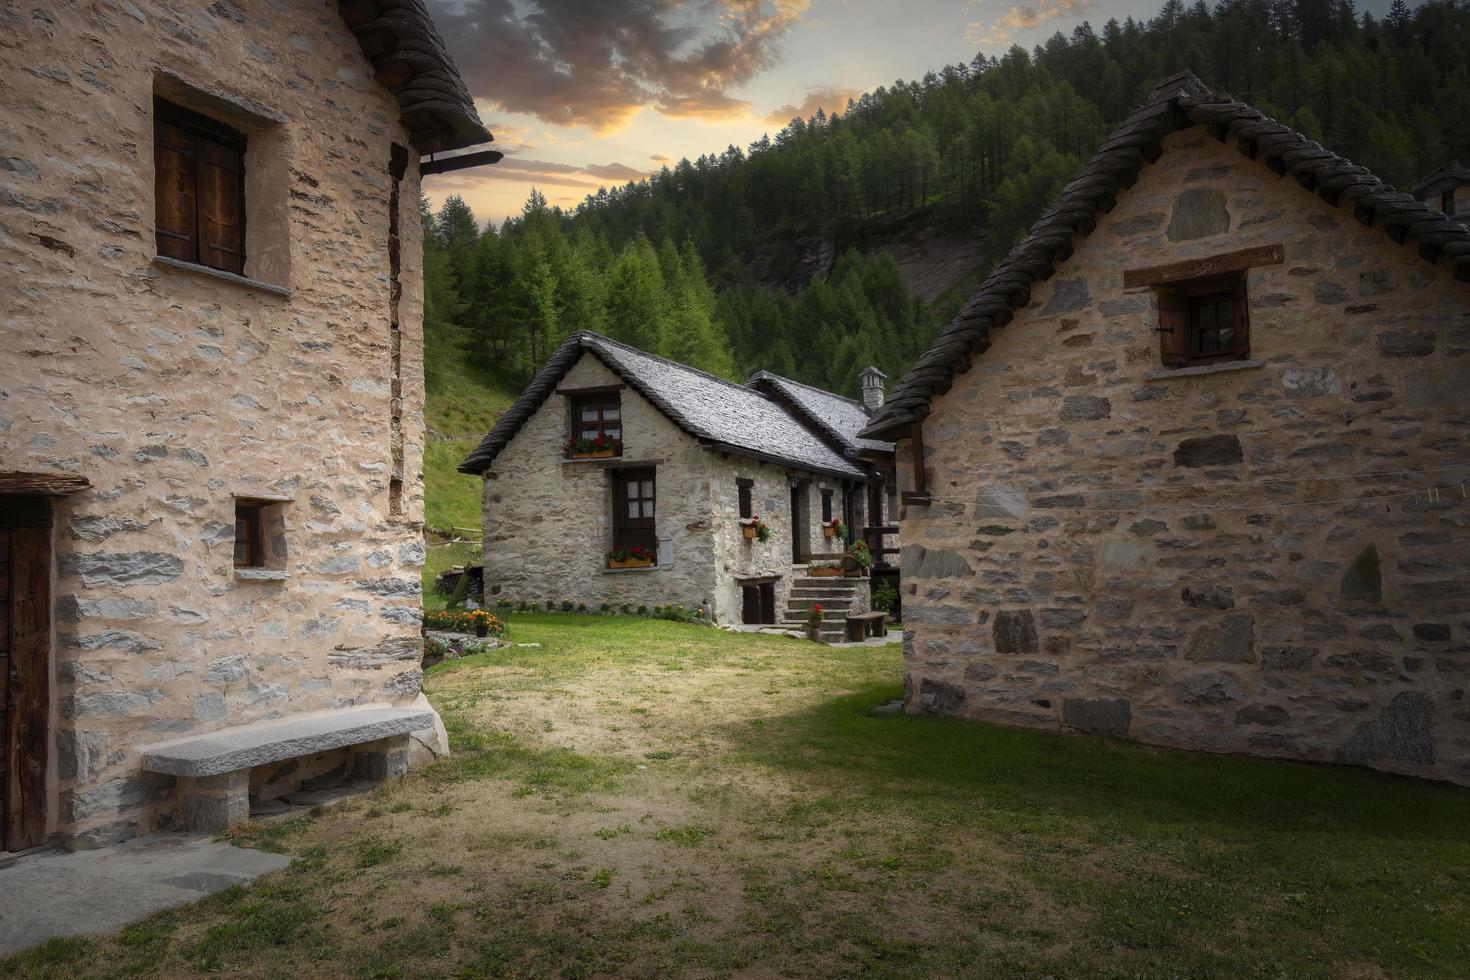 vista di un villaggio alpino foto